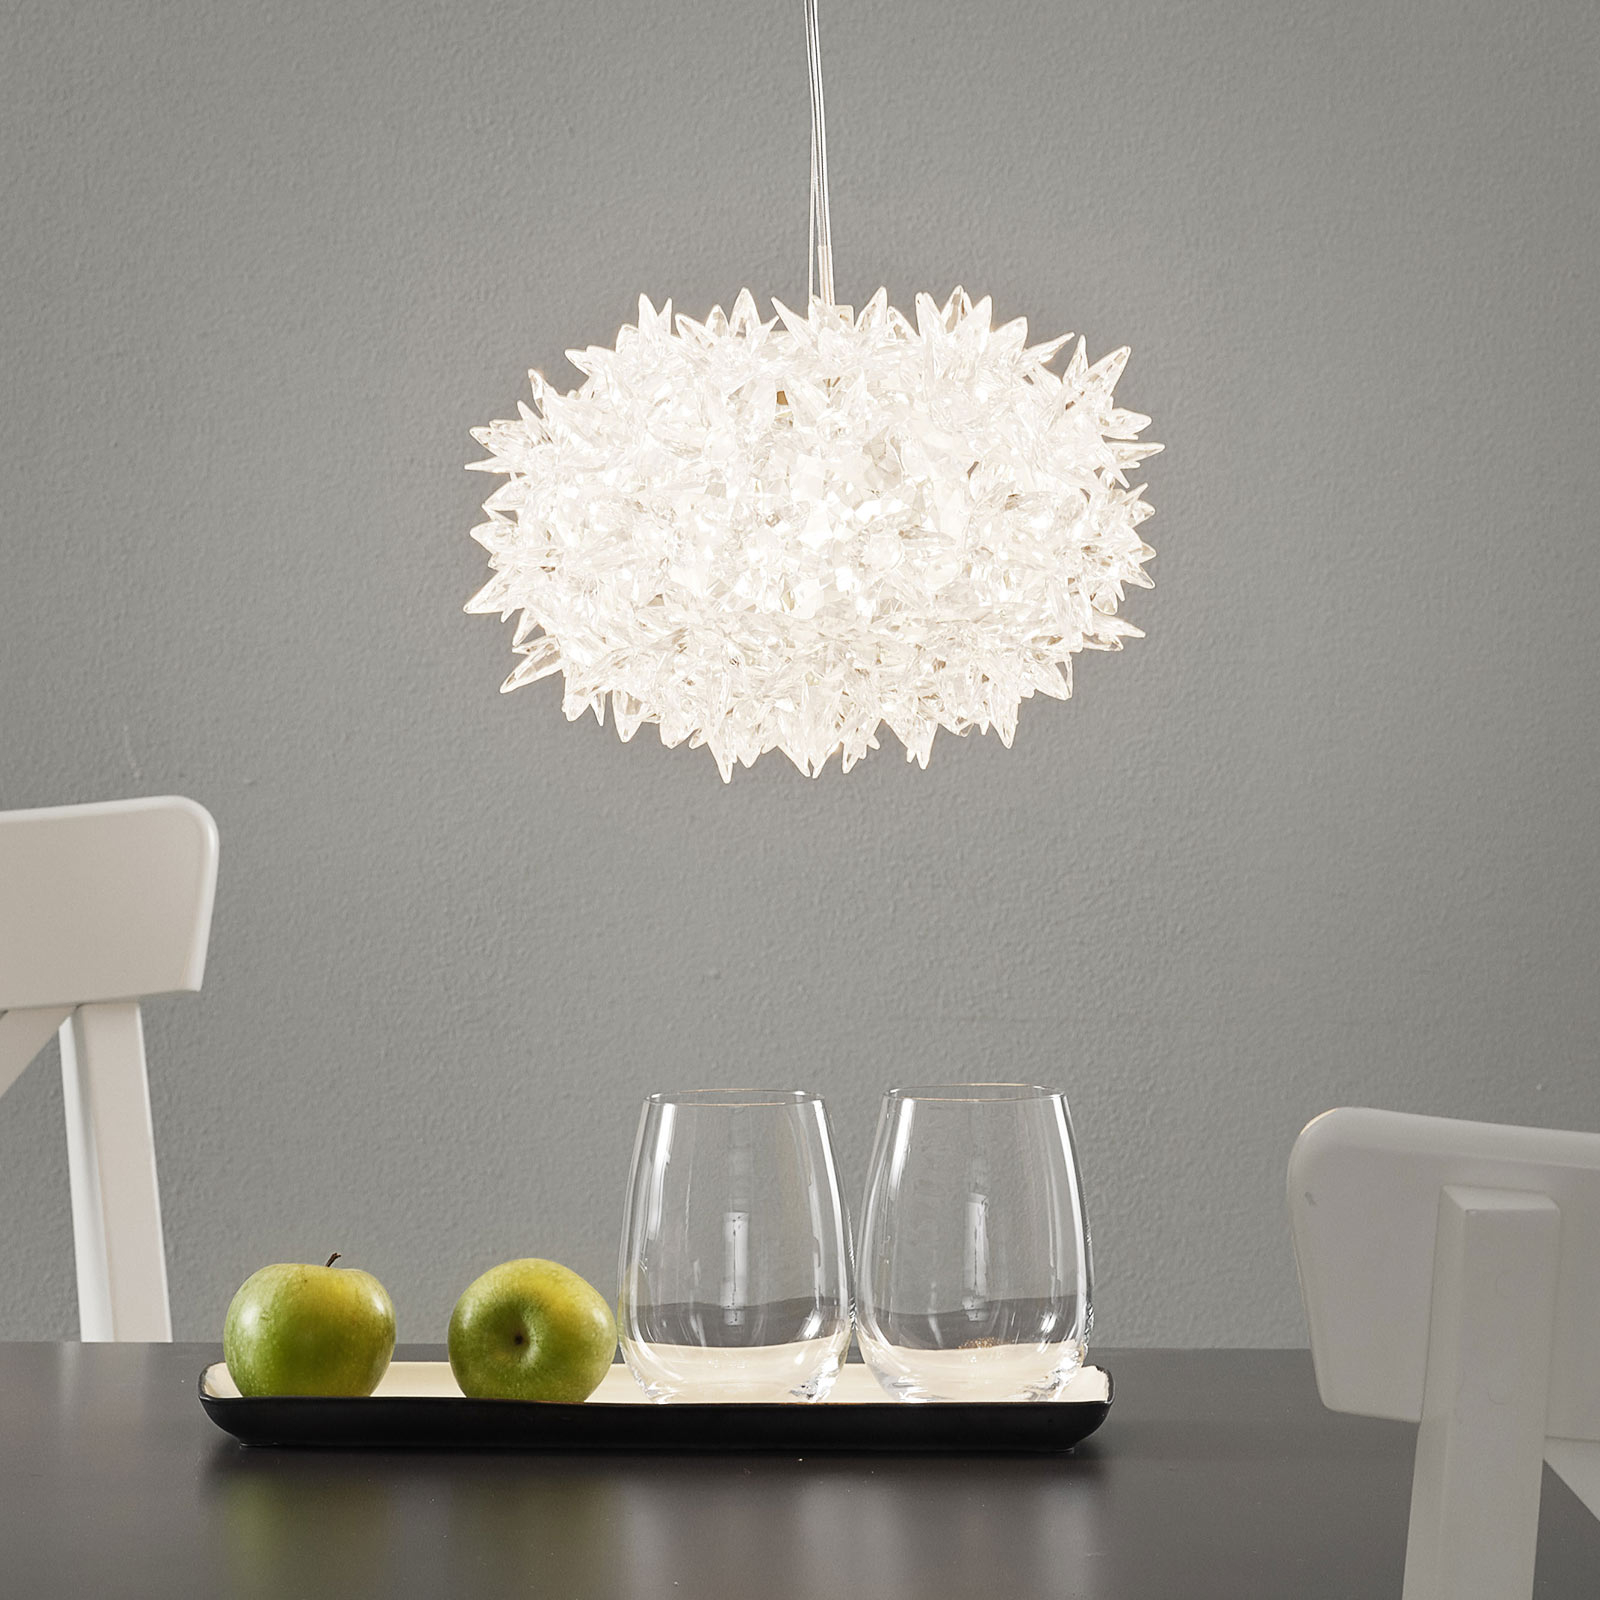 Transparent designer LED pendellampe Bloom, 28 cm